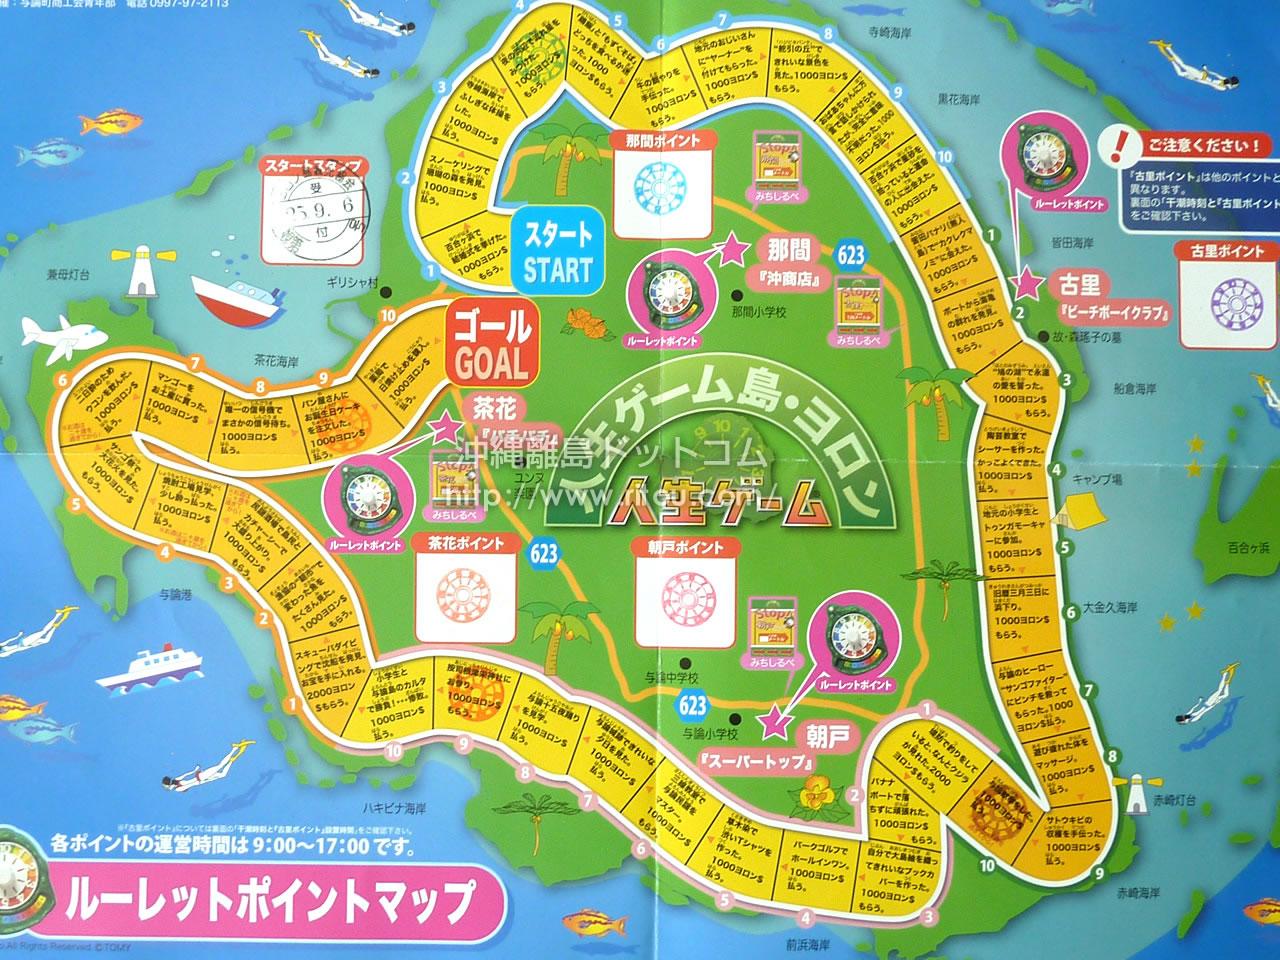 リアル人生ゲームのポイントマップ